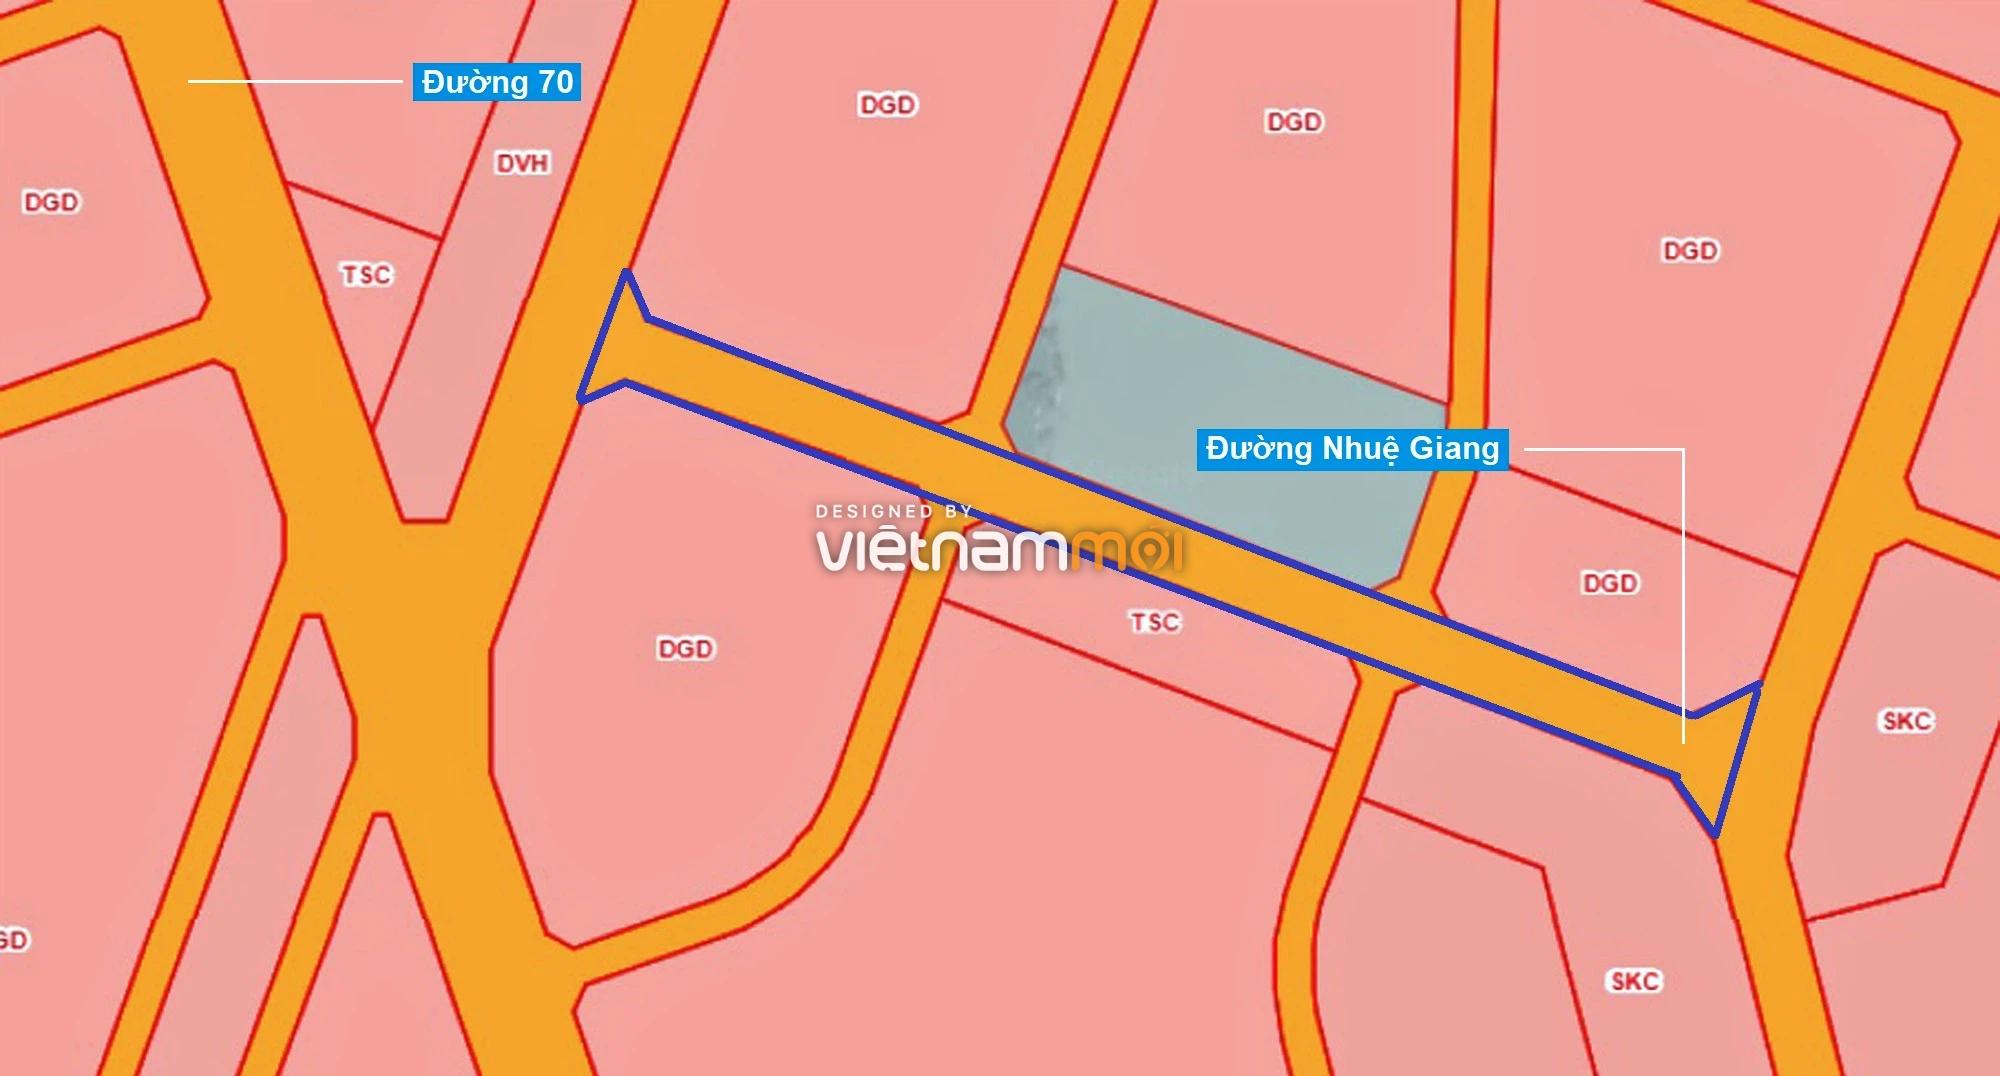 Những khu đất sắp thu hồi để mở đường ở phường Tây Mỗ, Nam Từ Liêm, Hà Nội (phần 2) - Ảnh 11.